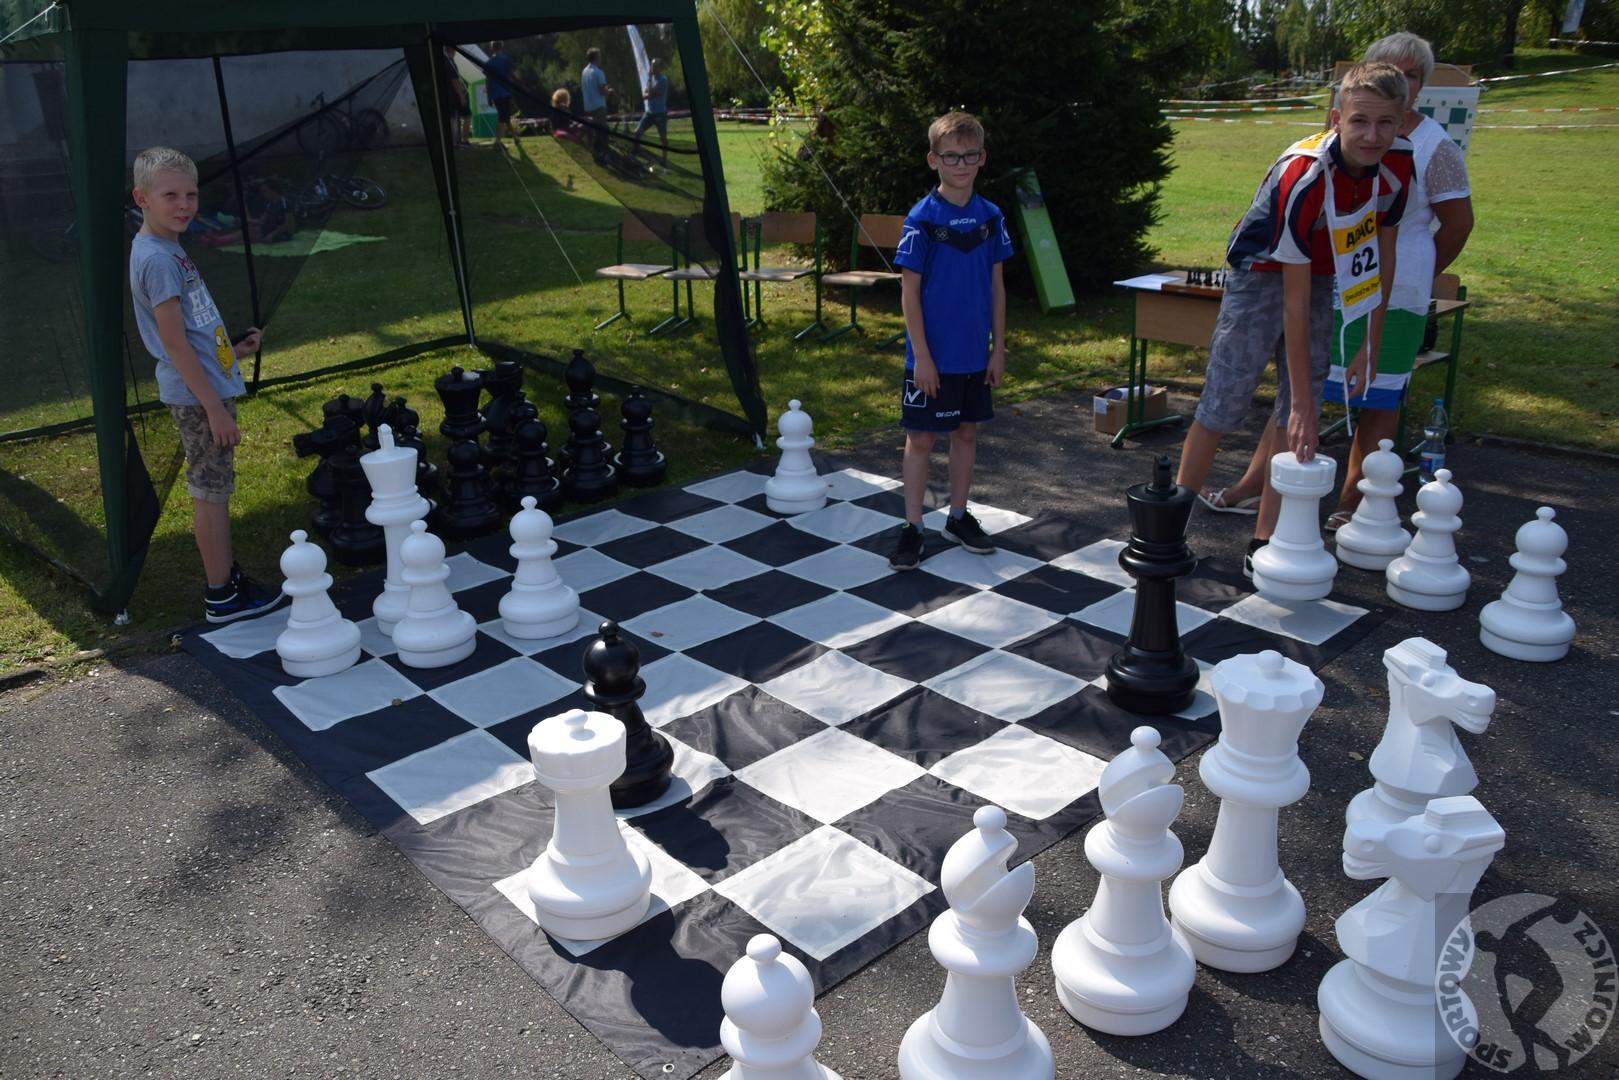 12 Plenerowy turniej szachowy 2017